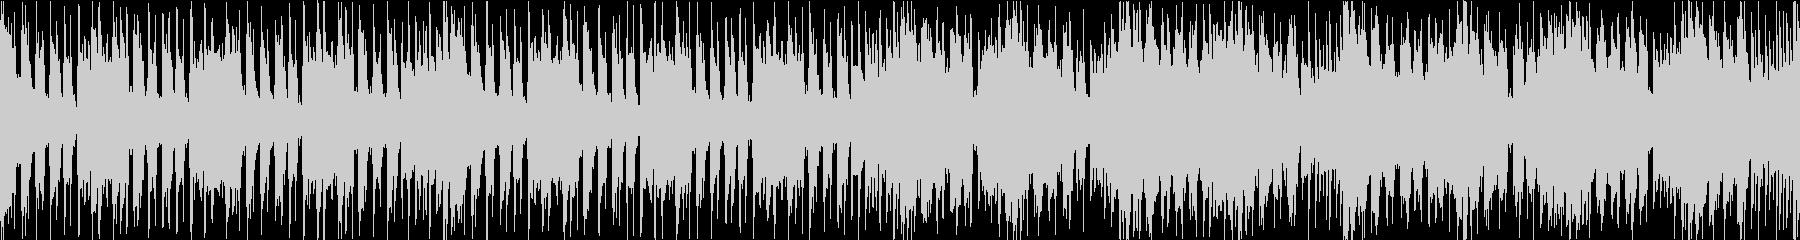 和風でアップテンポなドラムンベースの未再生の波形